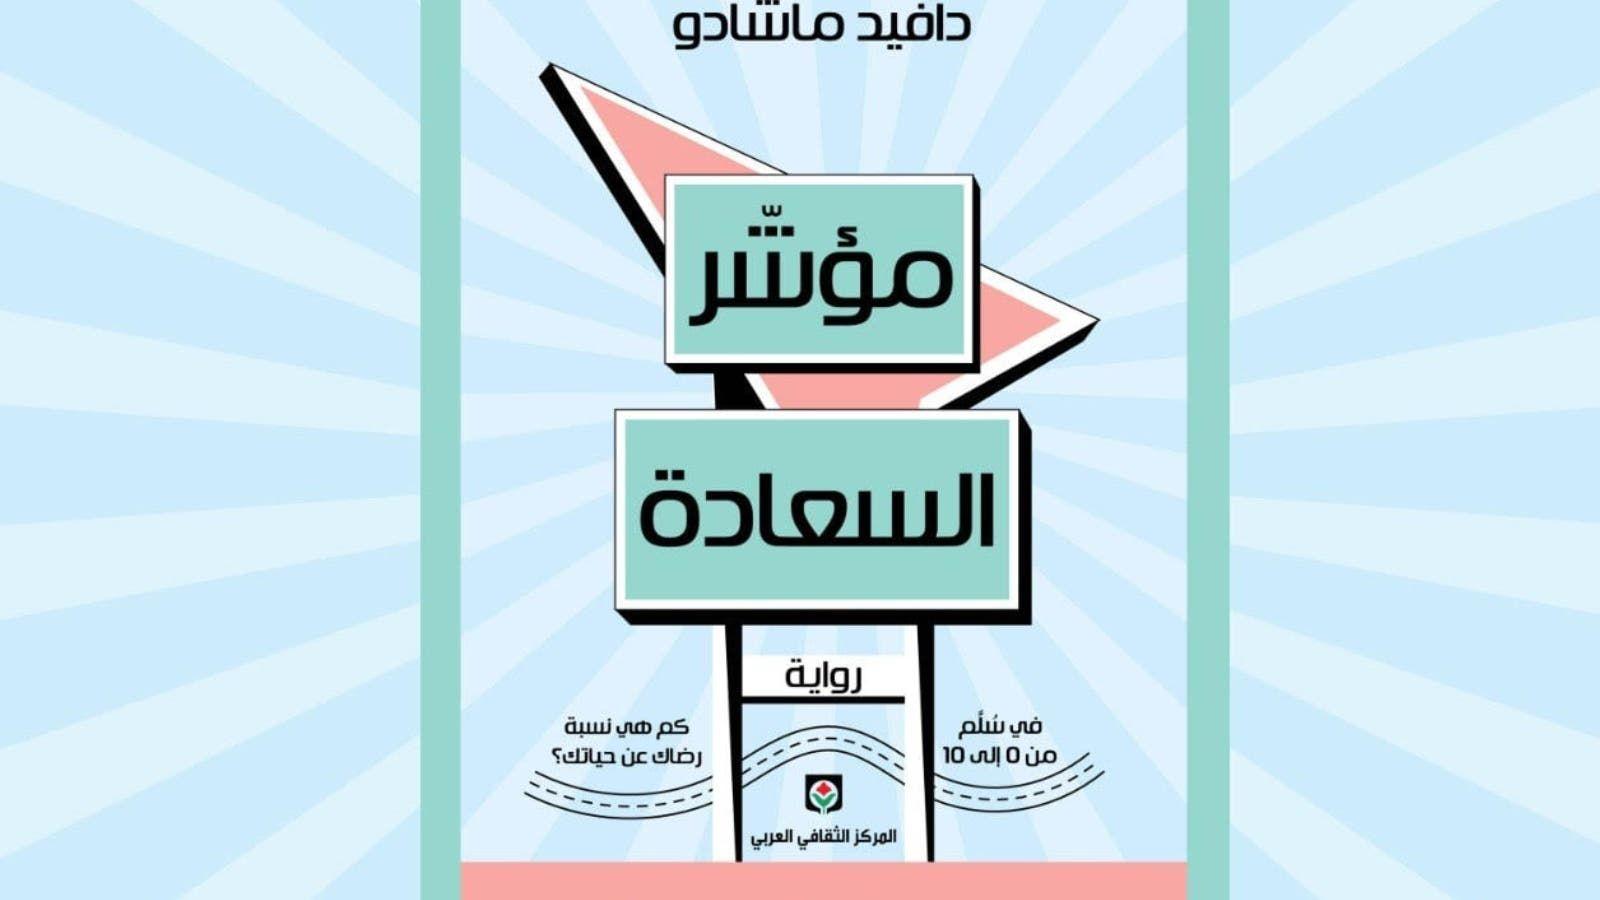 صدر حديثا الترجمة العربية لرواية مؤشر السعادة لدافيد ماتشادو Lol